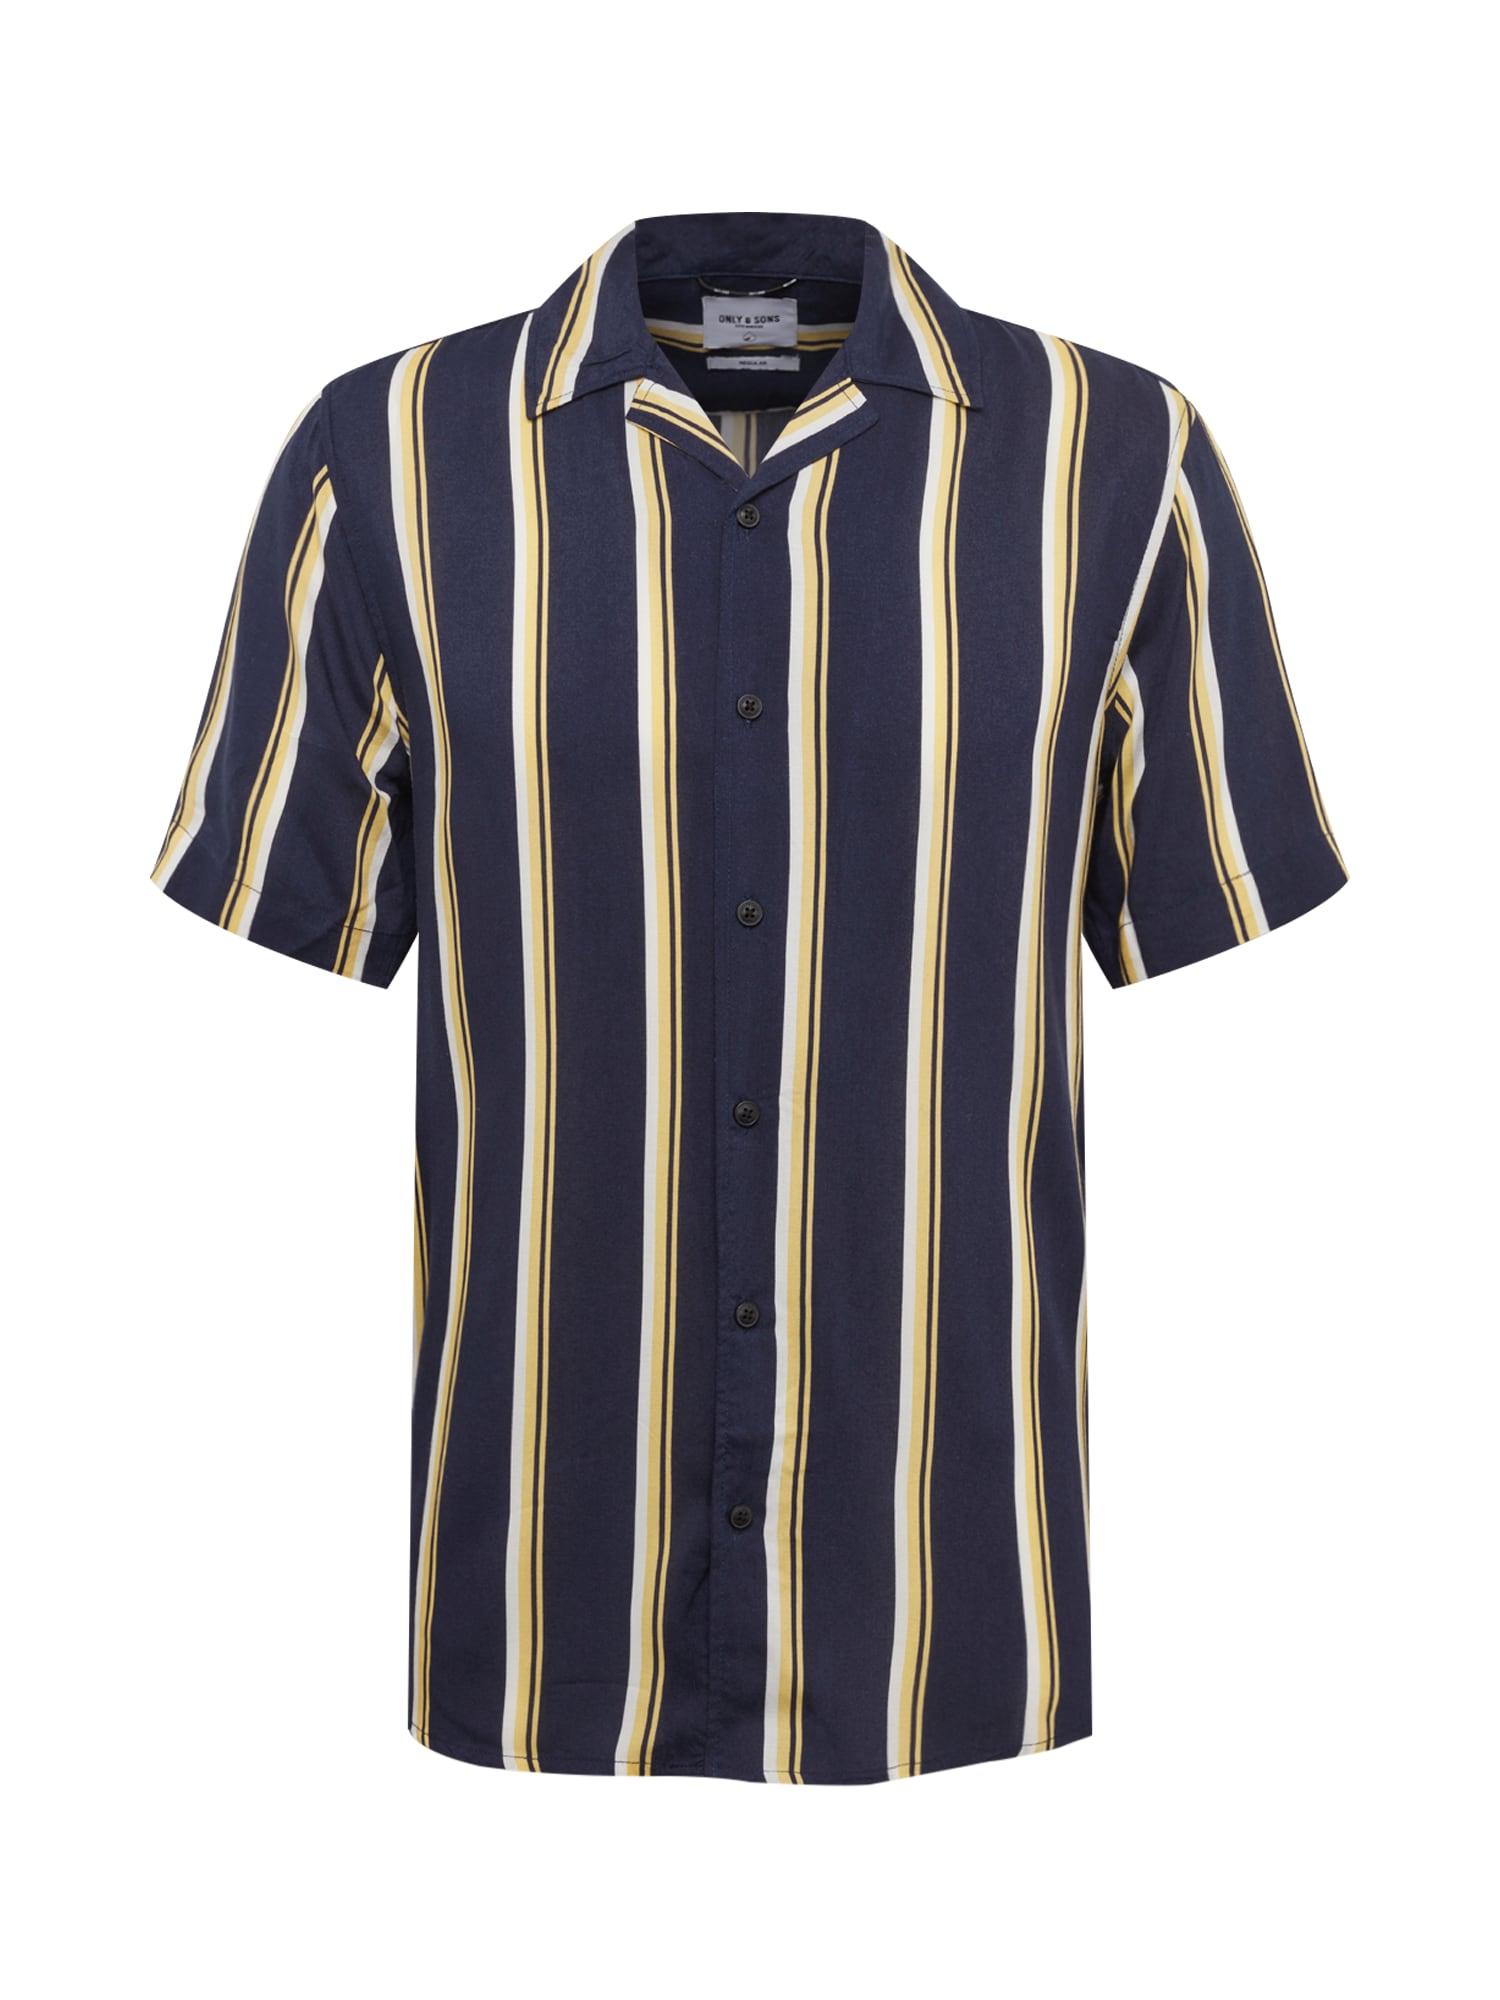 Košile Wayne tmavě modrá žlutá bílá Only & Sons